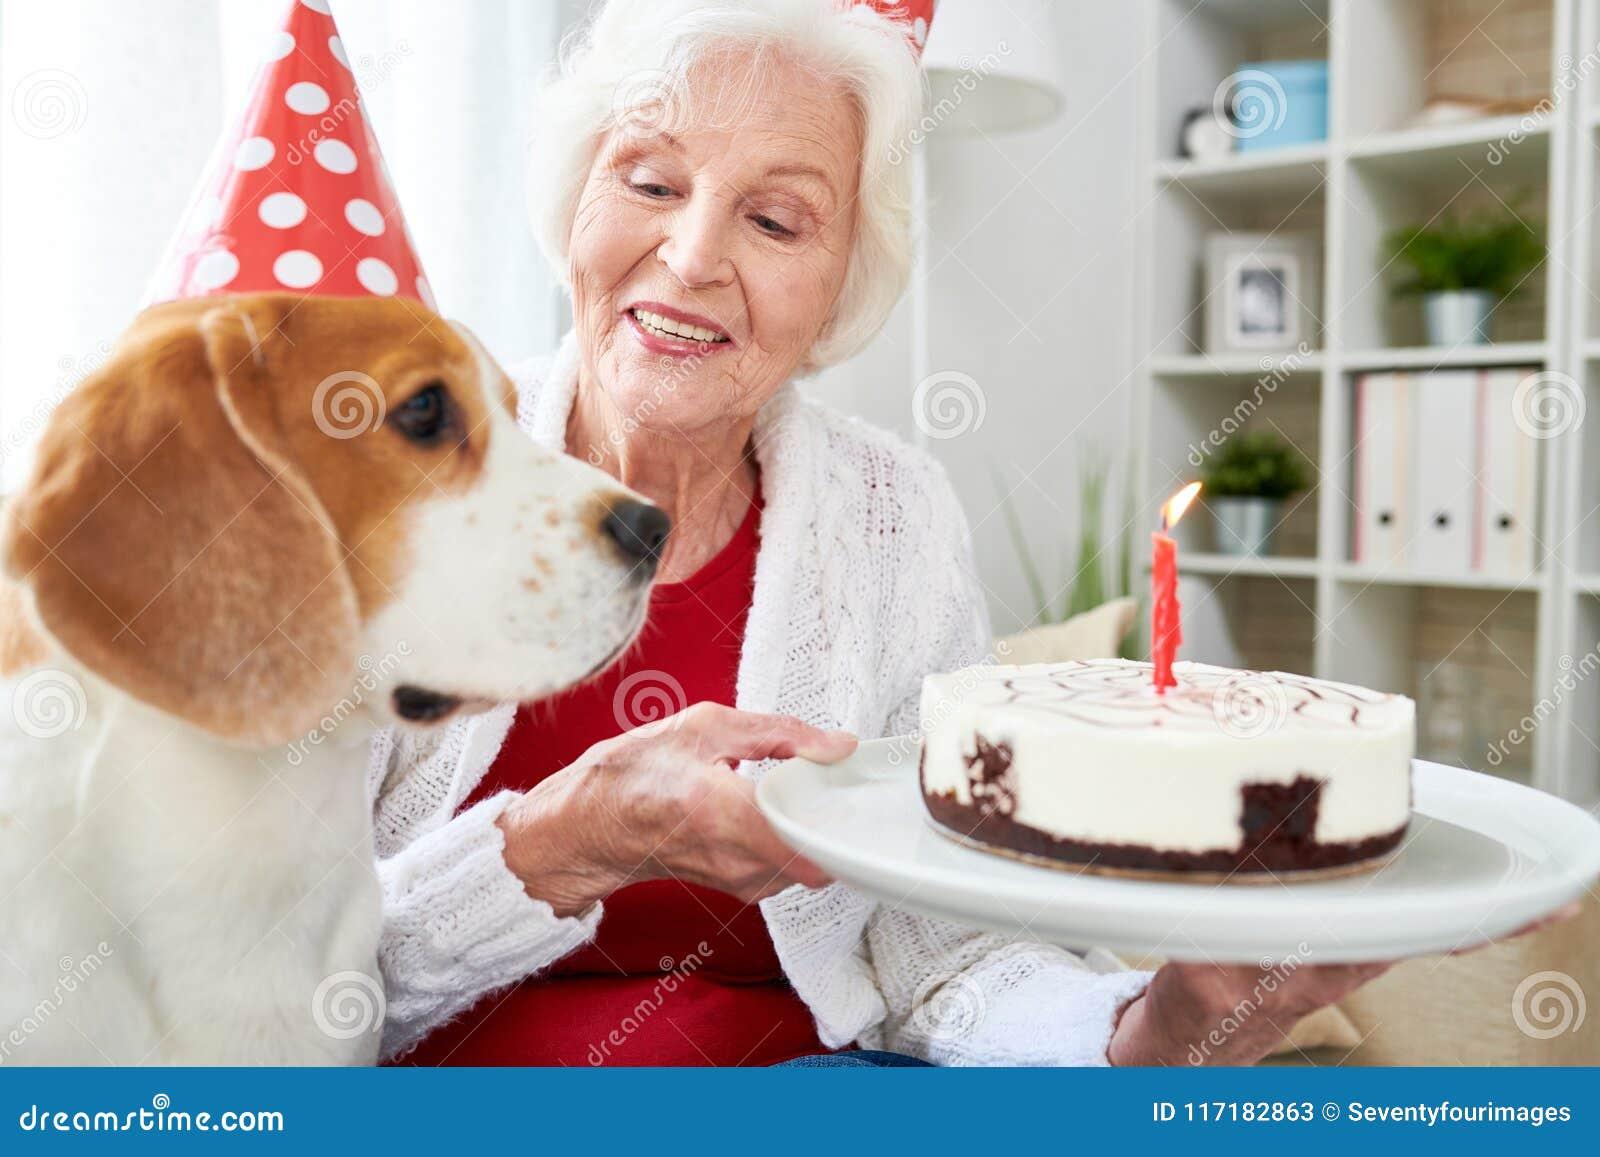 Senior Woman Holding Birthday Cake Stock Image Image Of Elderly